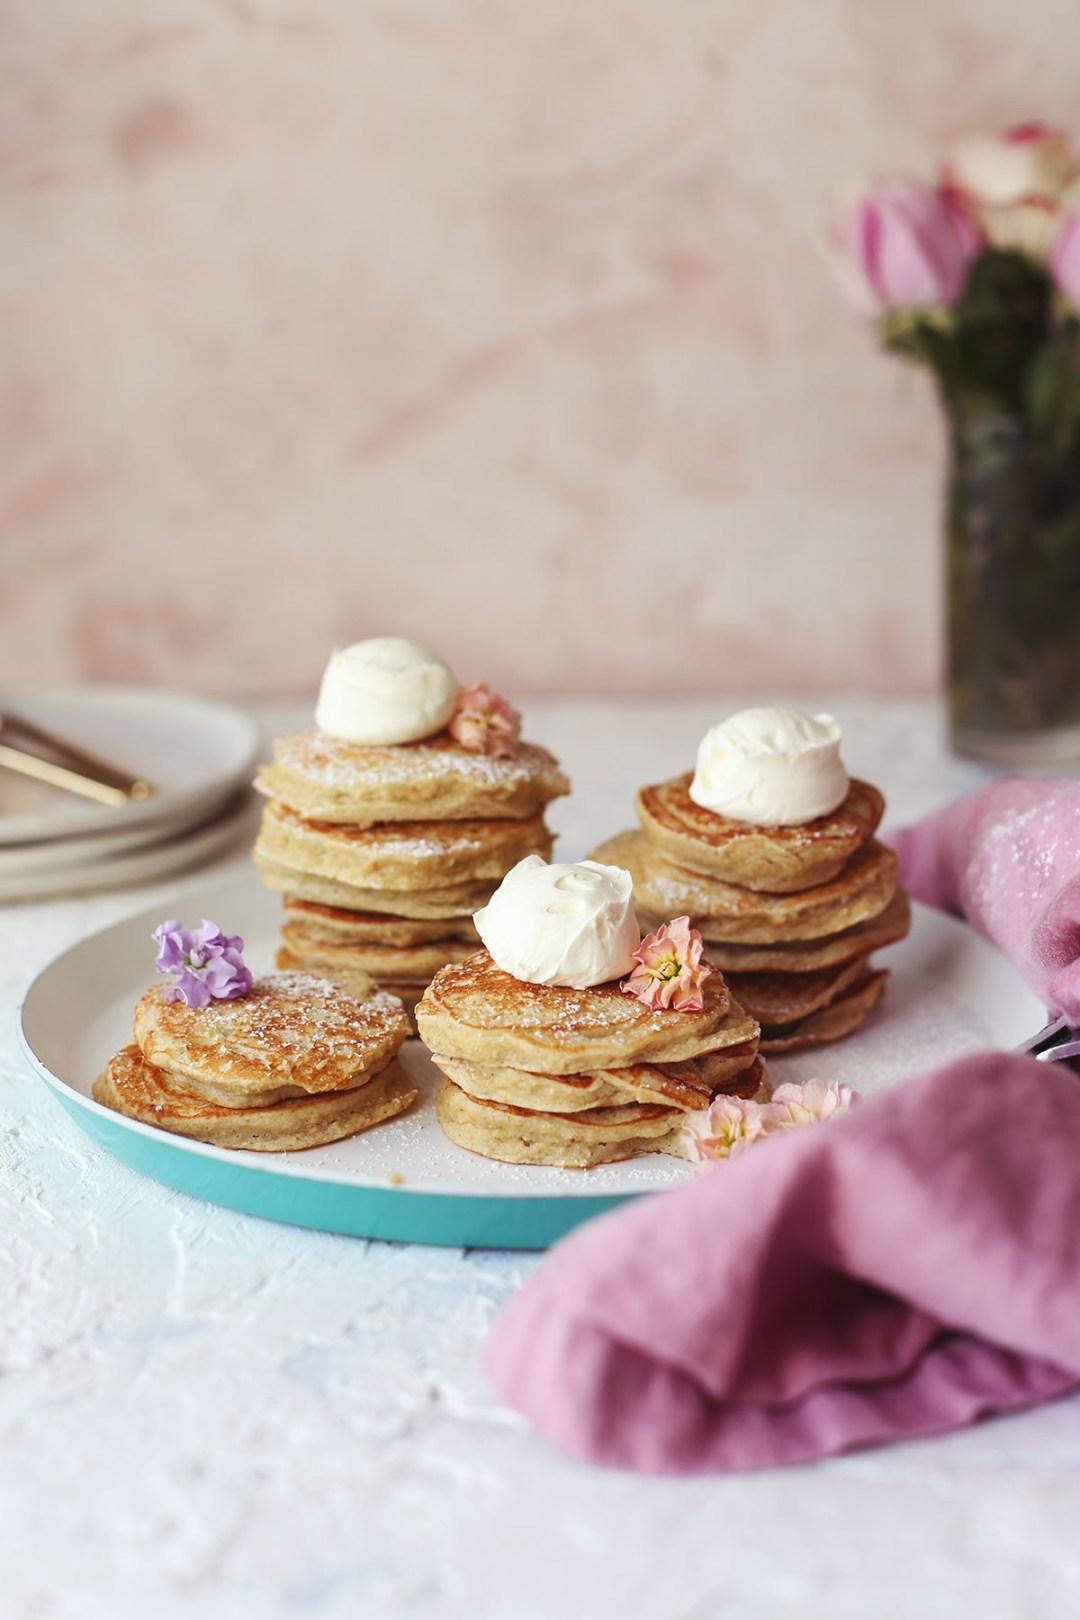 Banana Oatmeal Coconut Pancakes